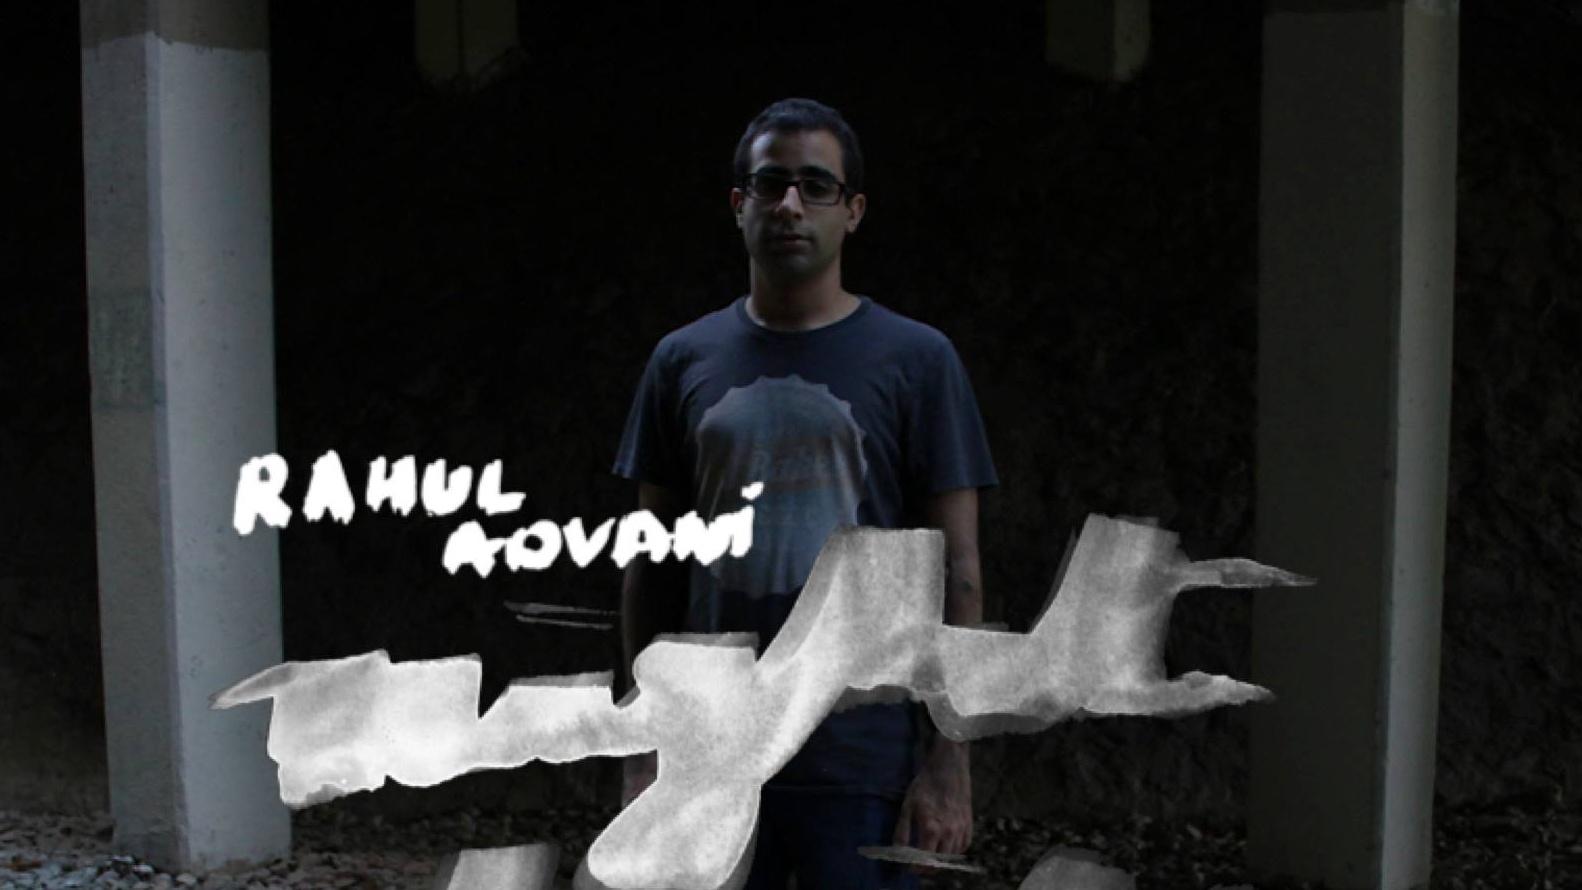 Rahul Advani